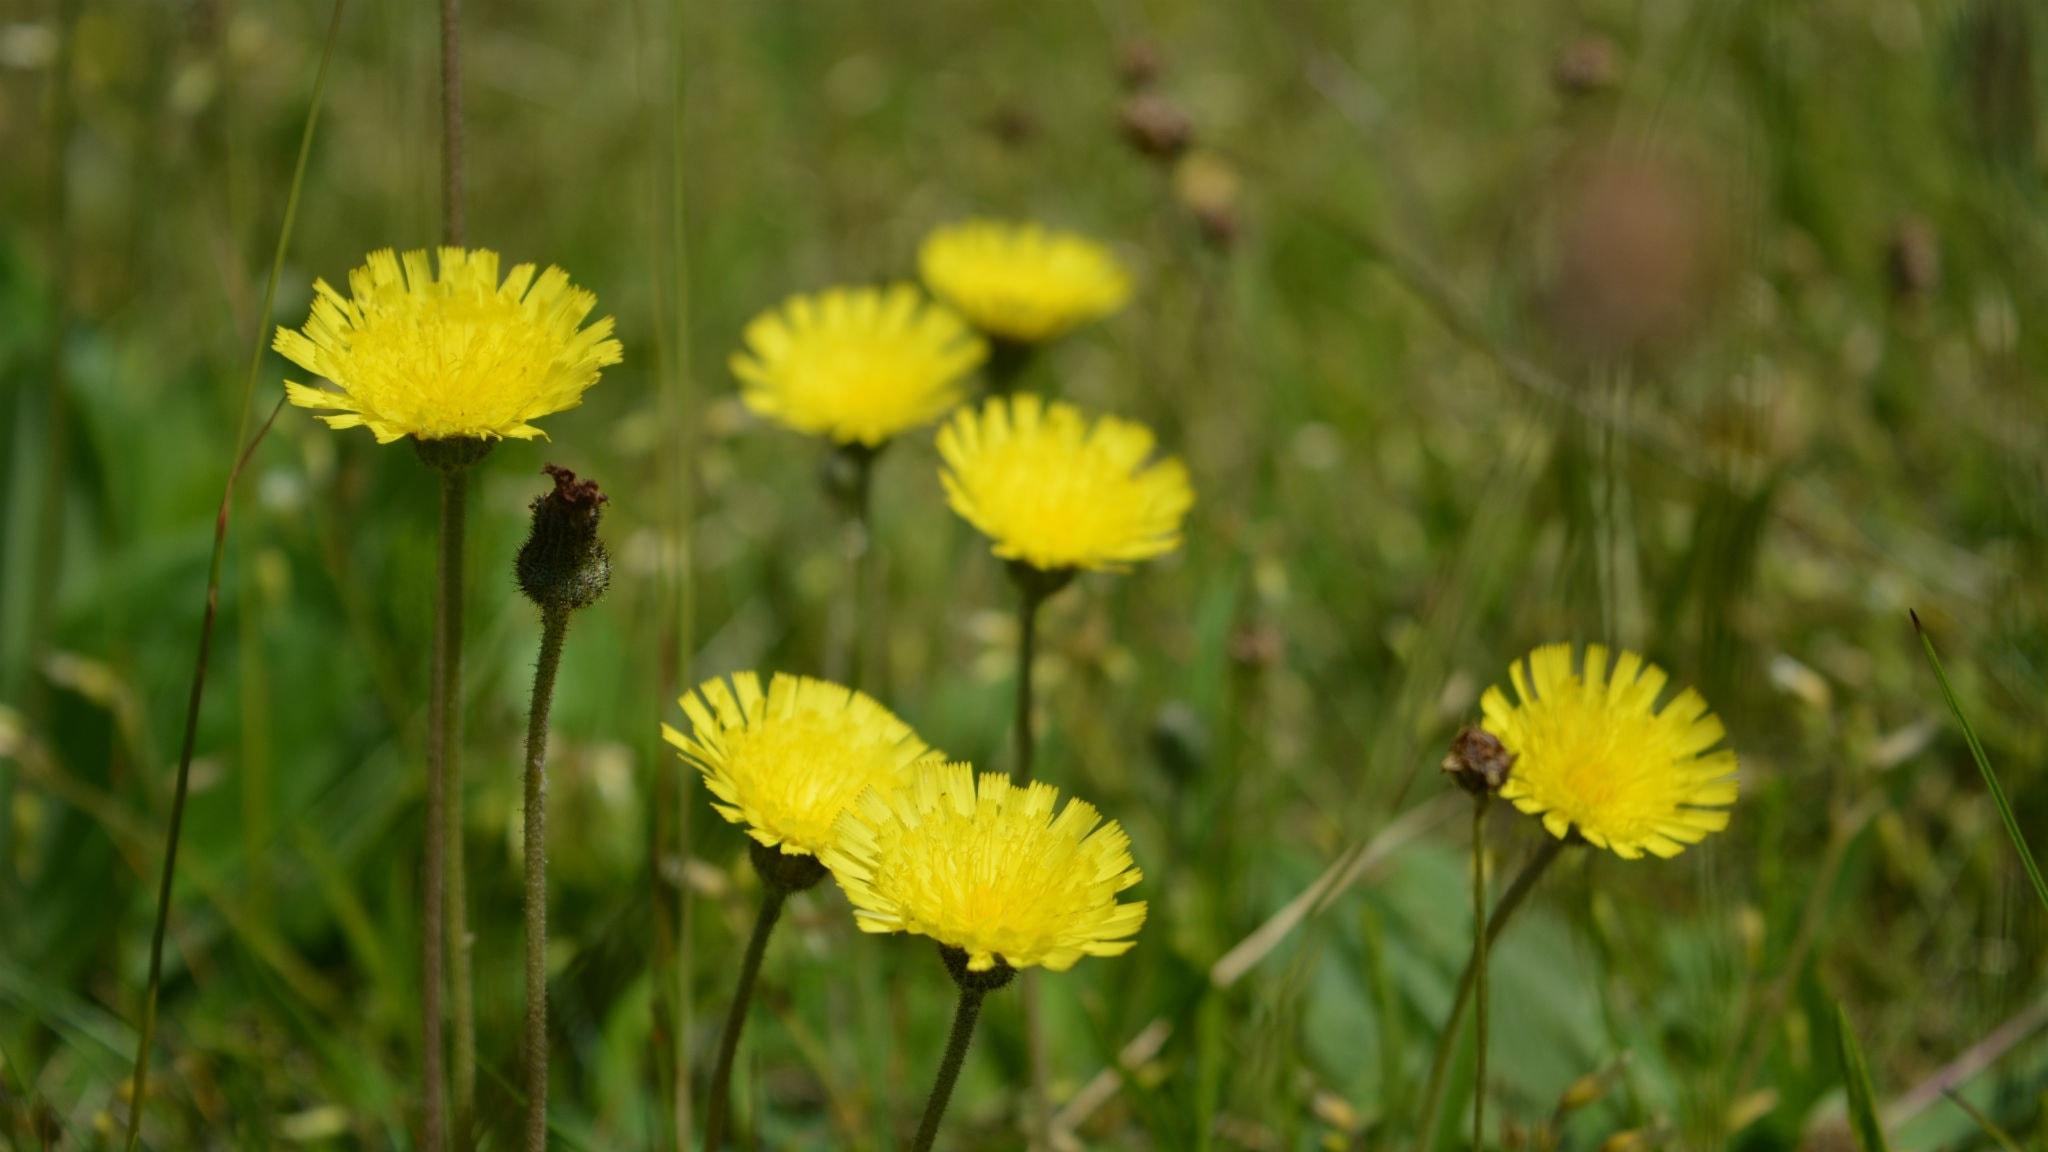 Berits blommor #4: Gråfibbla - spela